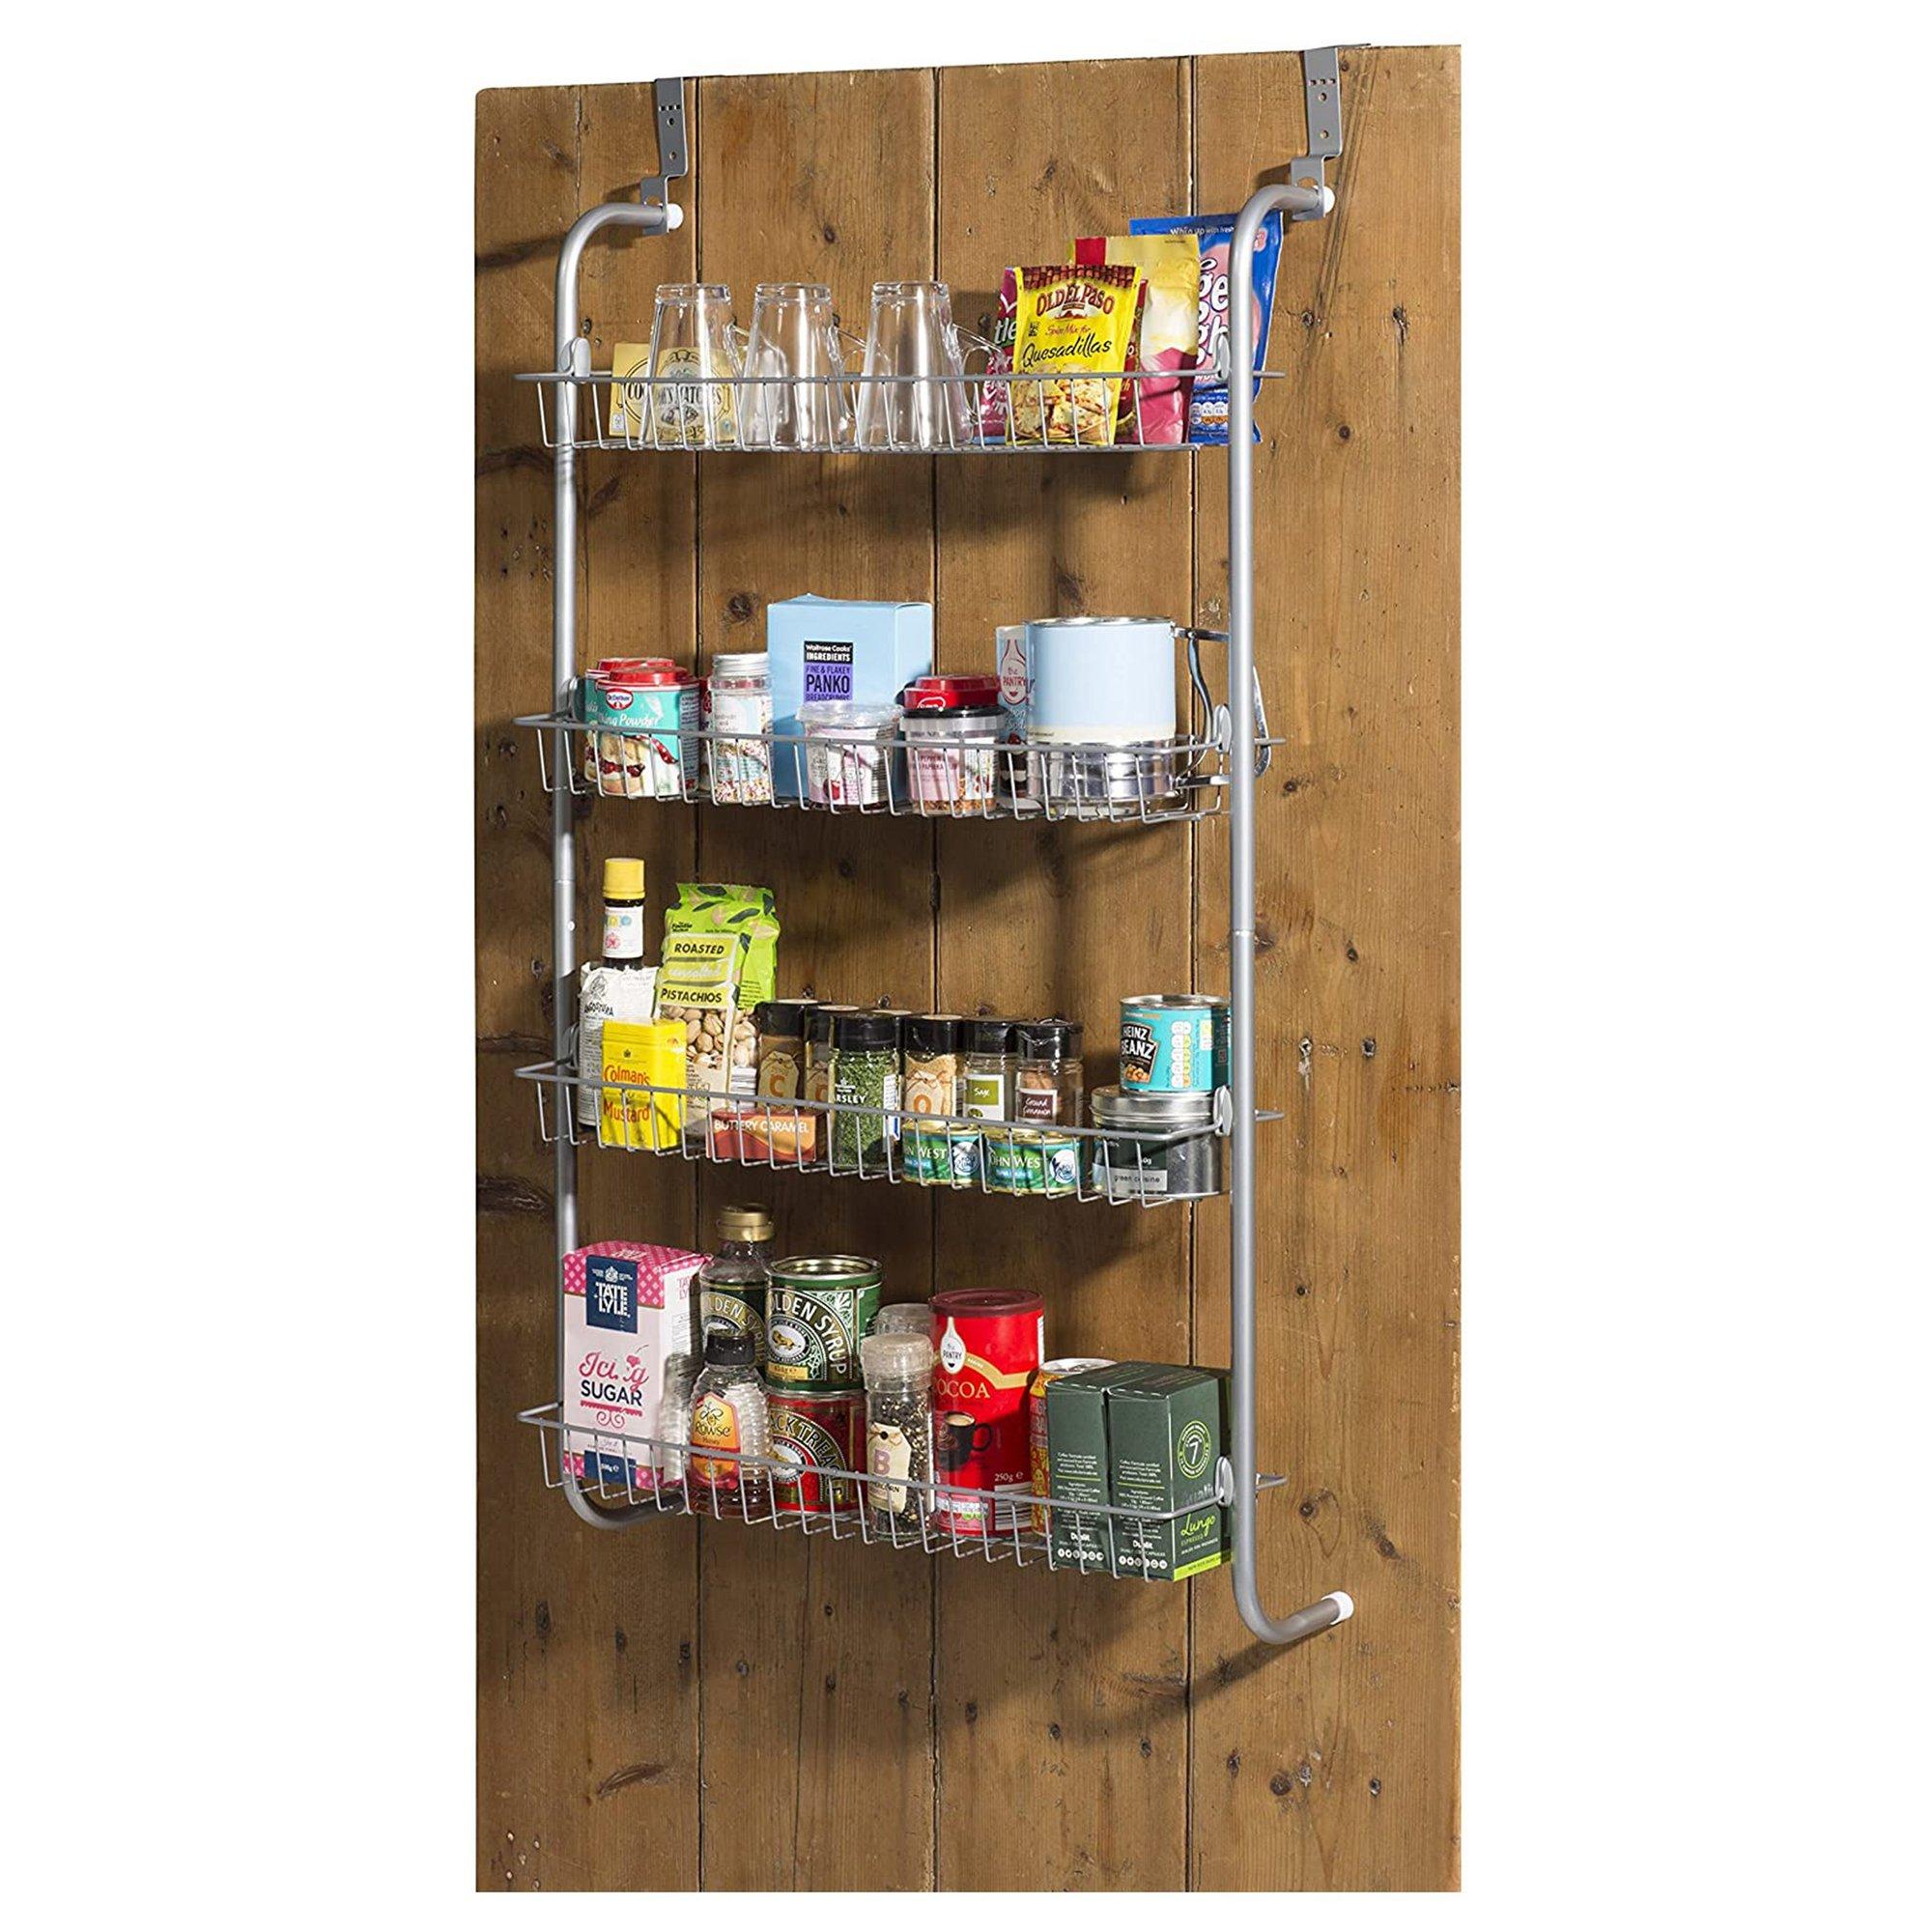 Image of 4 Tier Over Door Hanging Rack